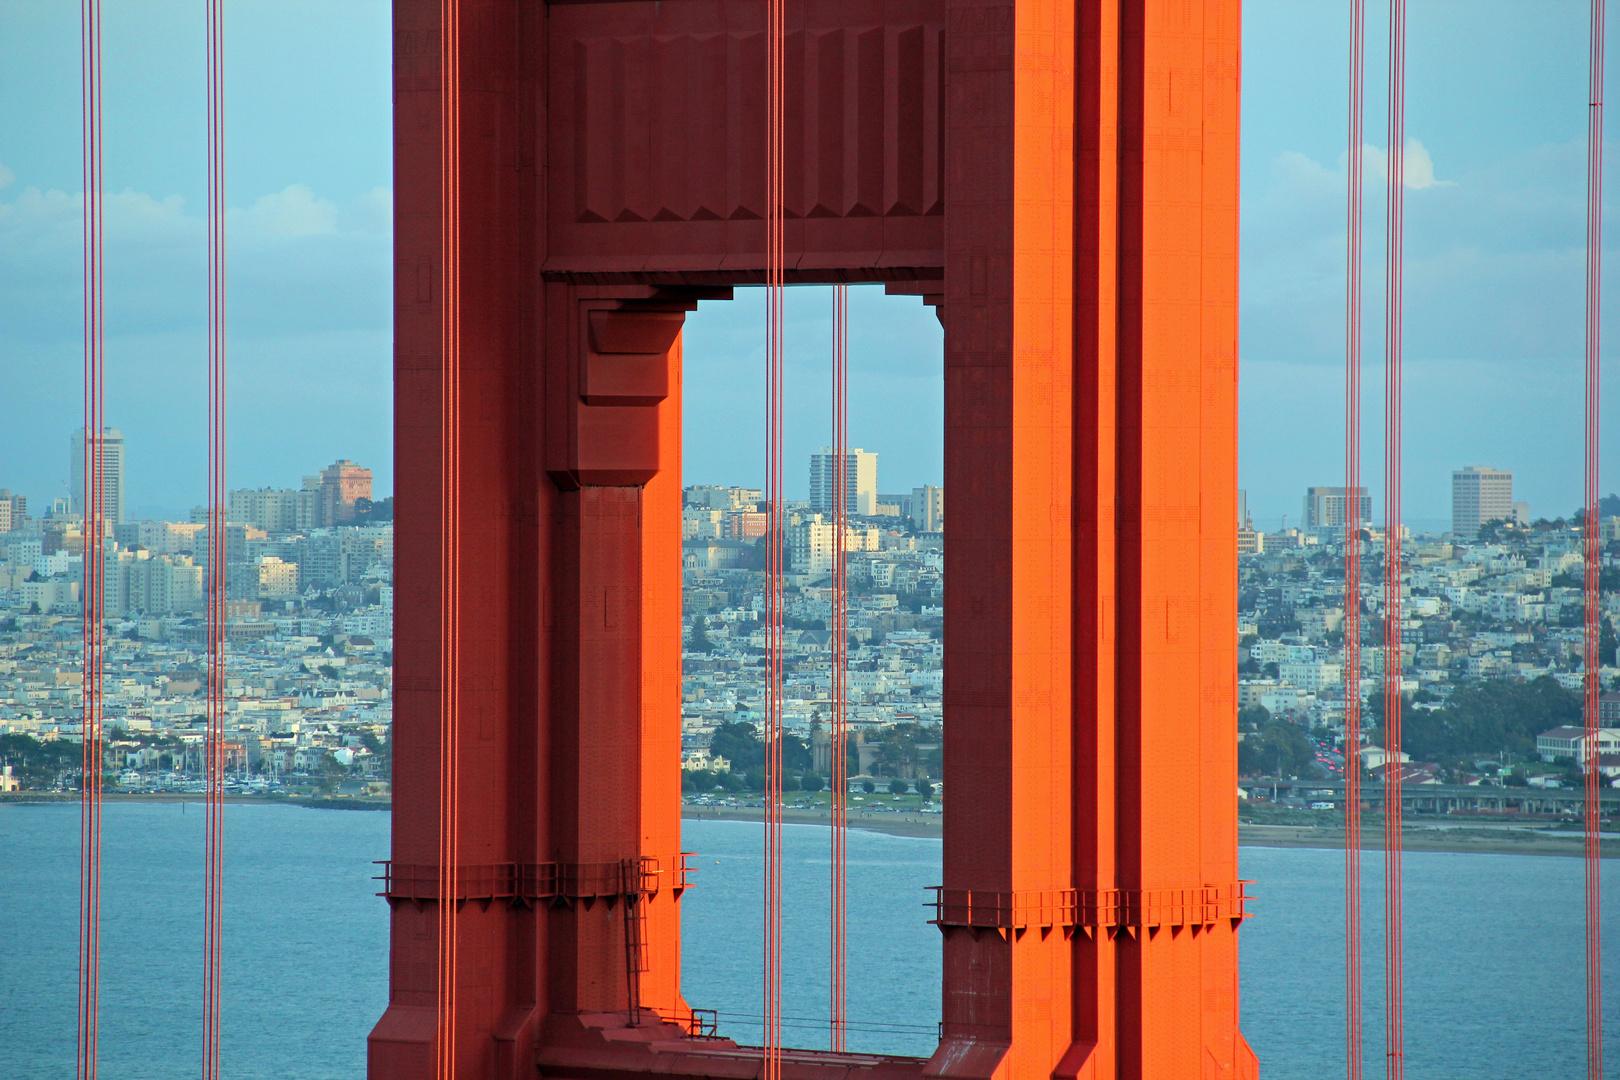 San Francisco - spezielle Sicht auf SF